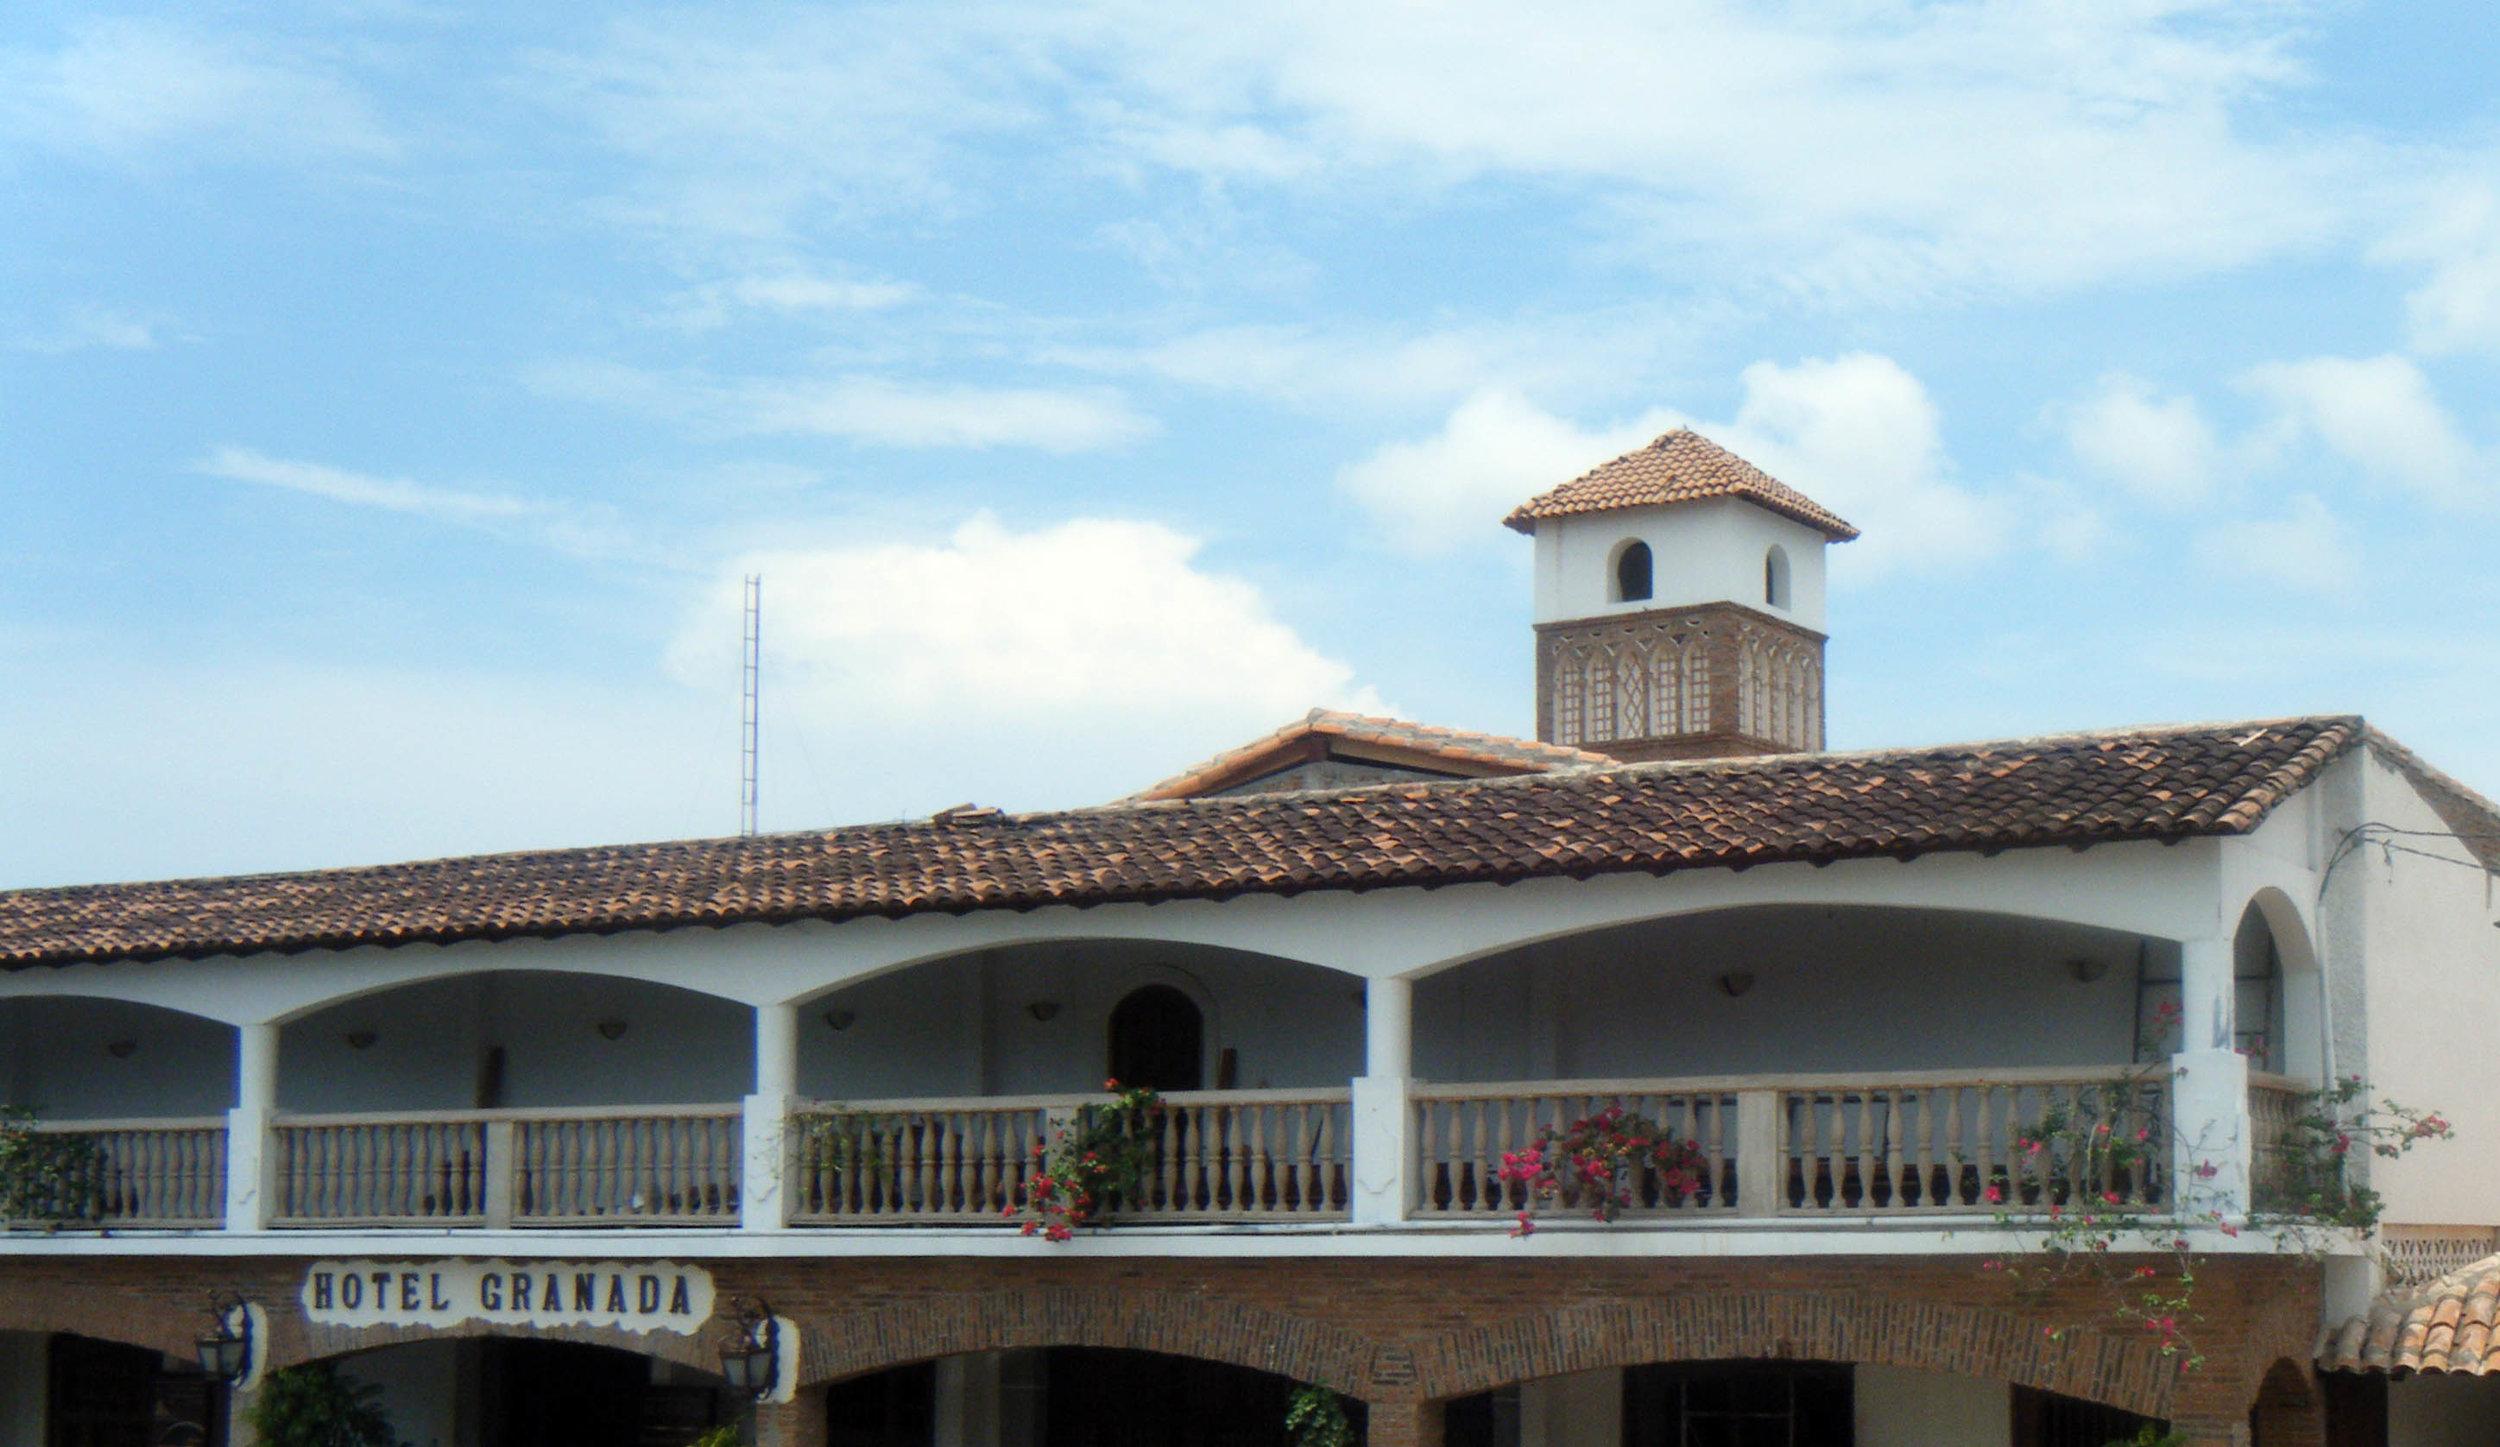 Hotel Granada.jpg